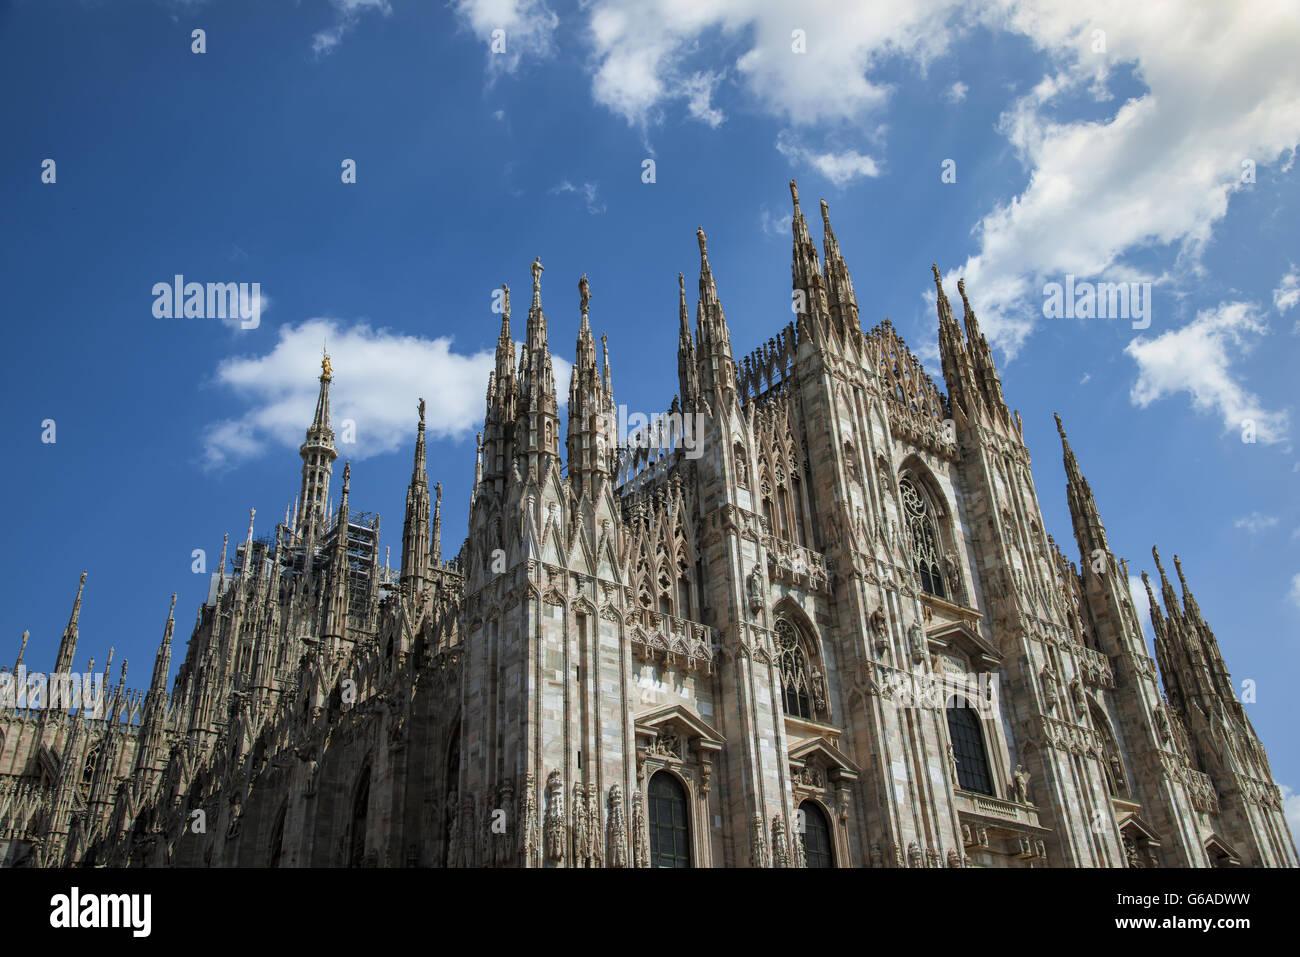 Duomo di Milano, la cathédrale de Milan, symbole de la Lombardie et dans toute l'Italie Photo Stock